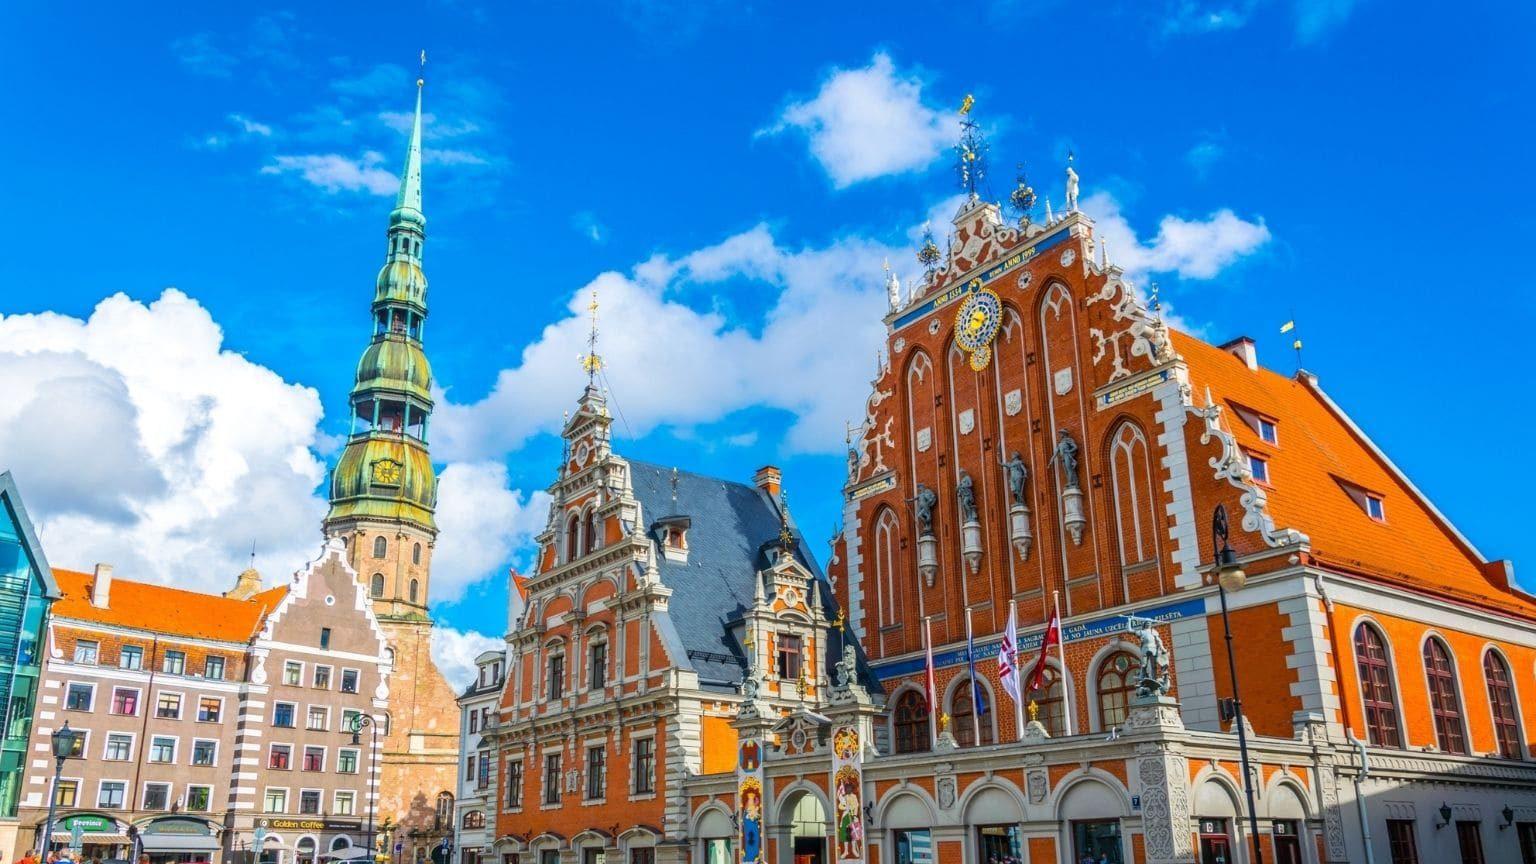 Ratslaukums square in Latvia